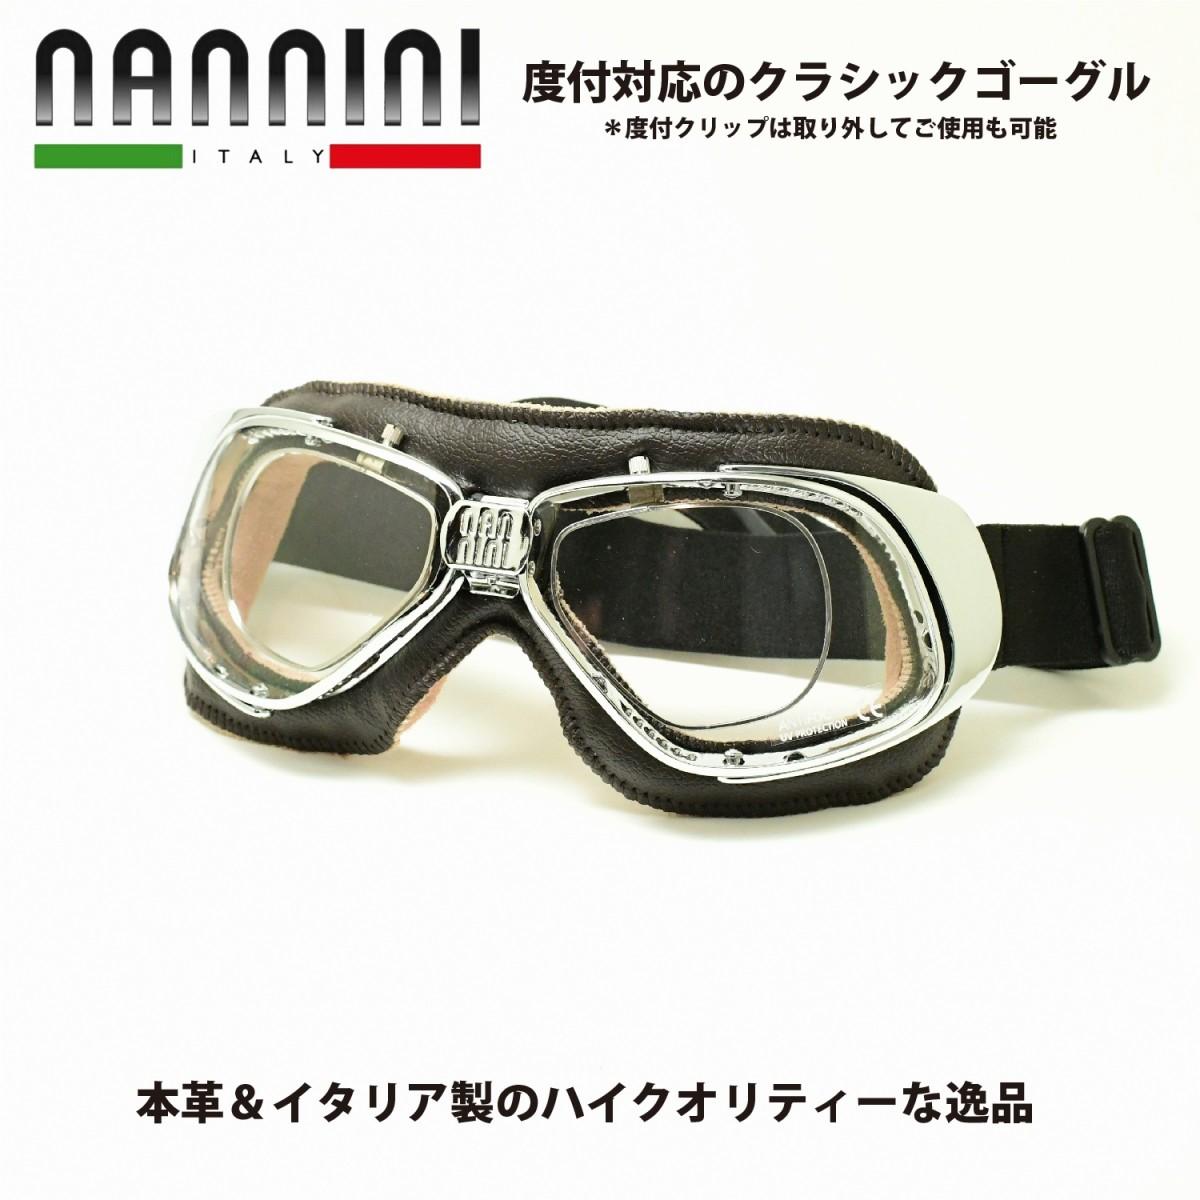 ナンニーニ【nannini】社製ゴーグルRIDER-860-4V-1151-6520(ライダー860-4V四眼式)(クローム・ブラウン/クリア・アンチフォグ)